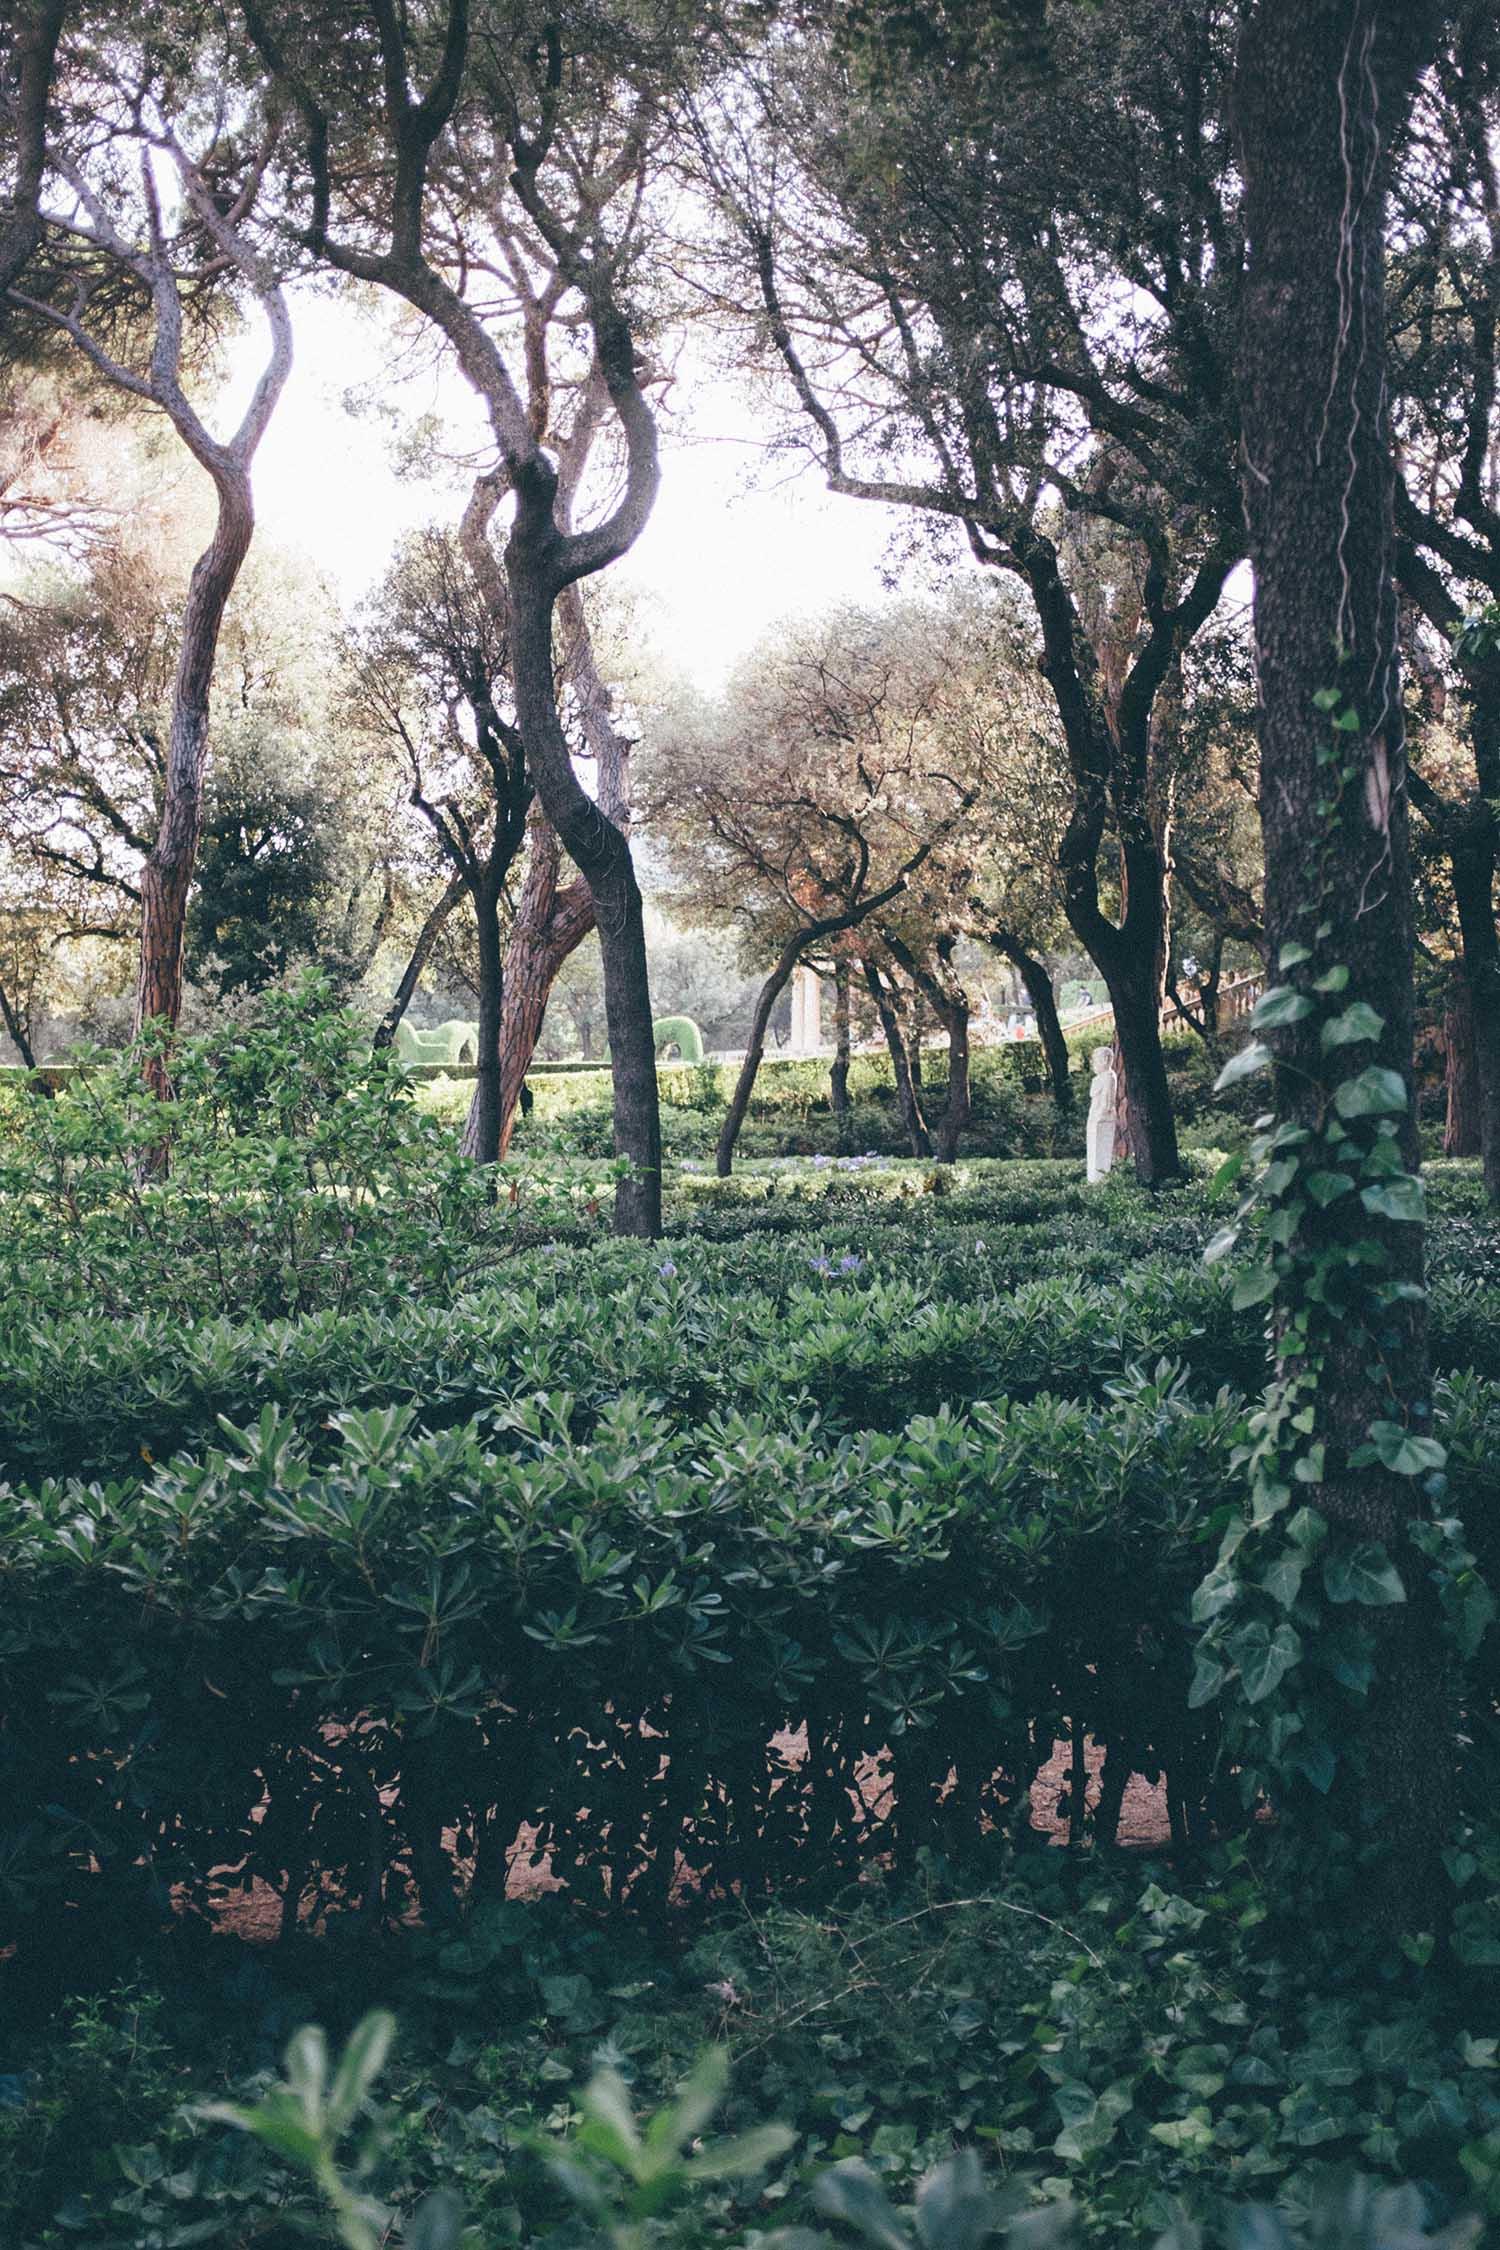 parc de labyrinth d'horta barcelona guide blog